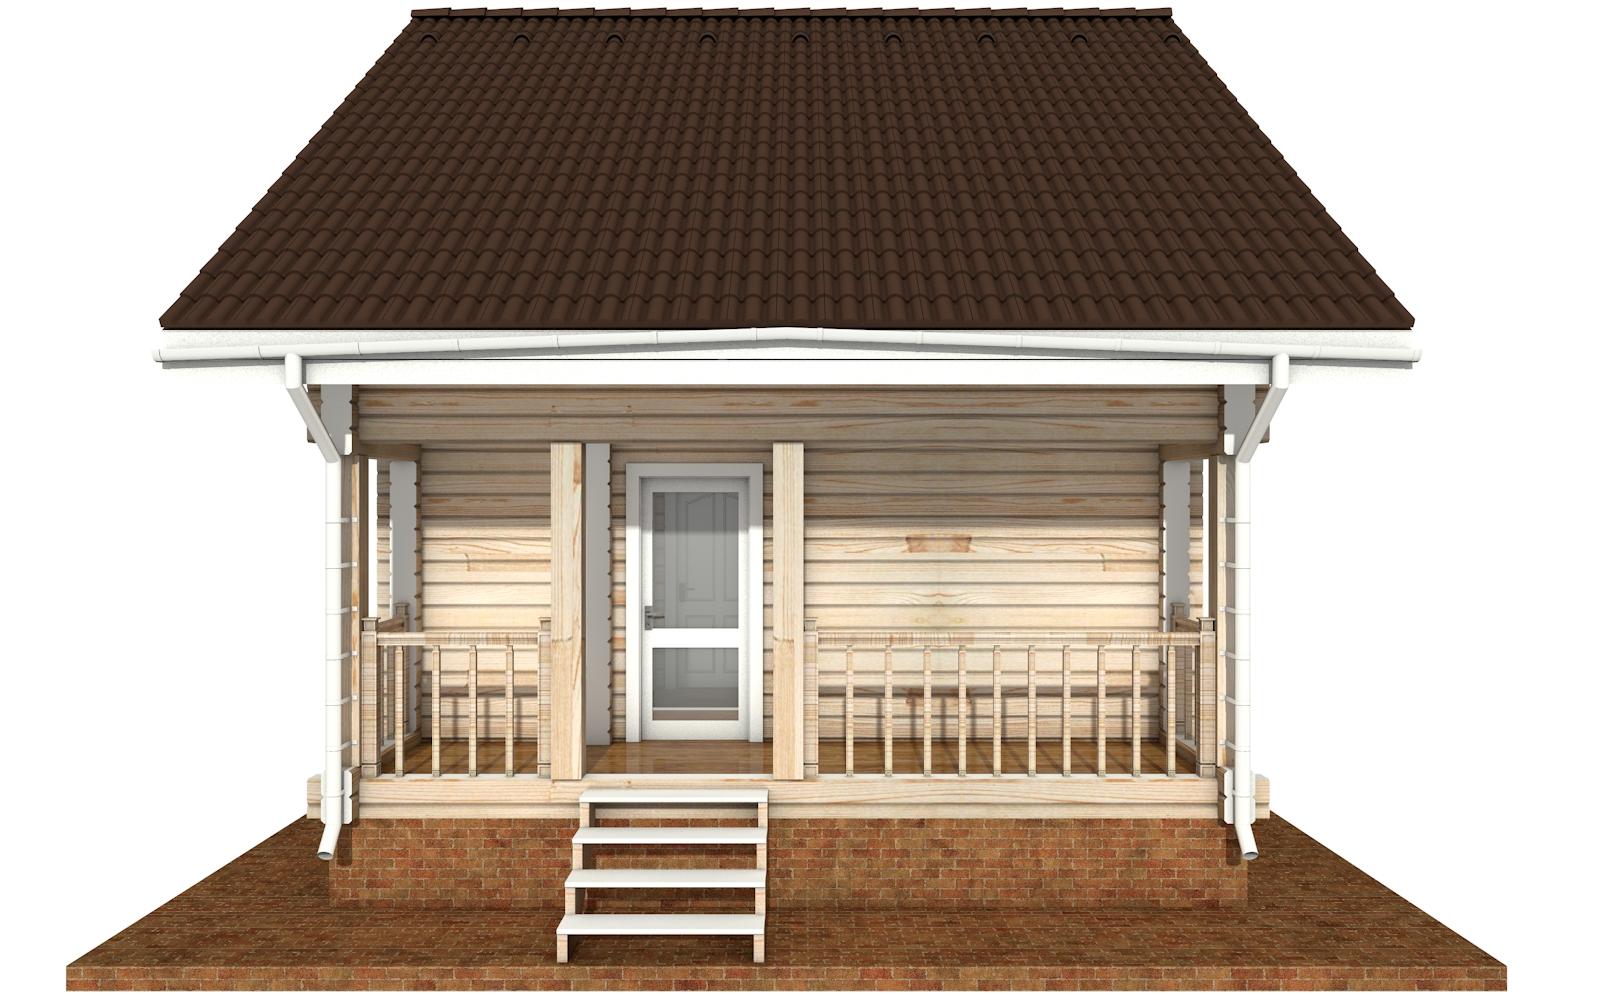 Фото #8: деревянный дом ПДБ-64 из клееного бруса купить за 7080194 (цена «Под ключ»)